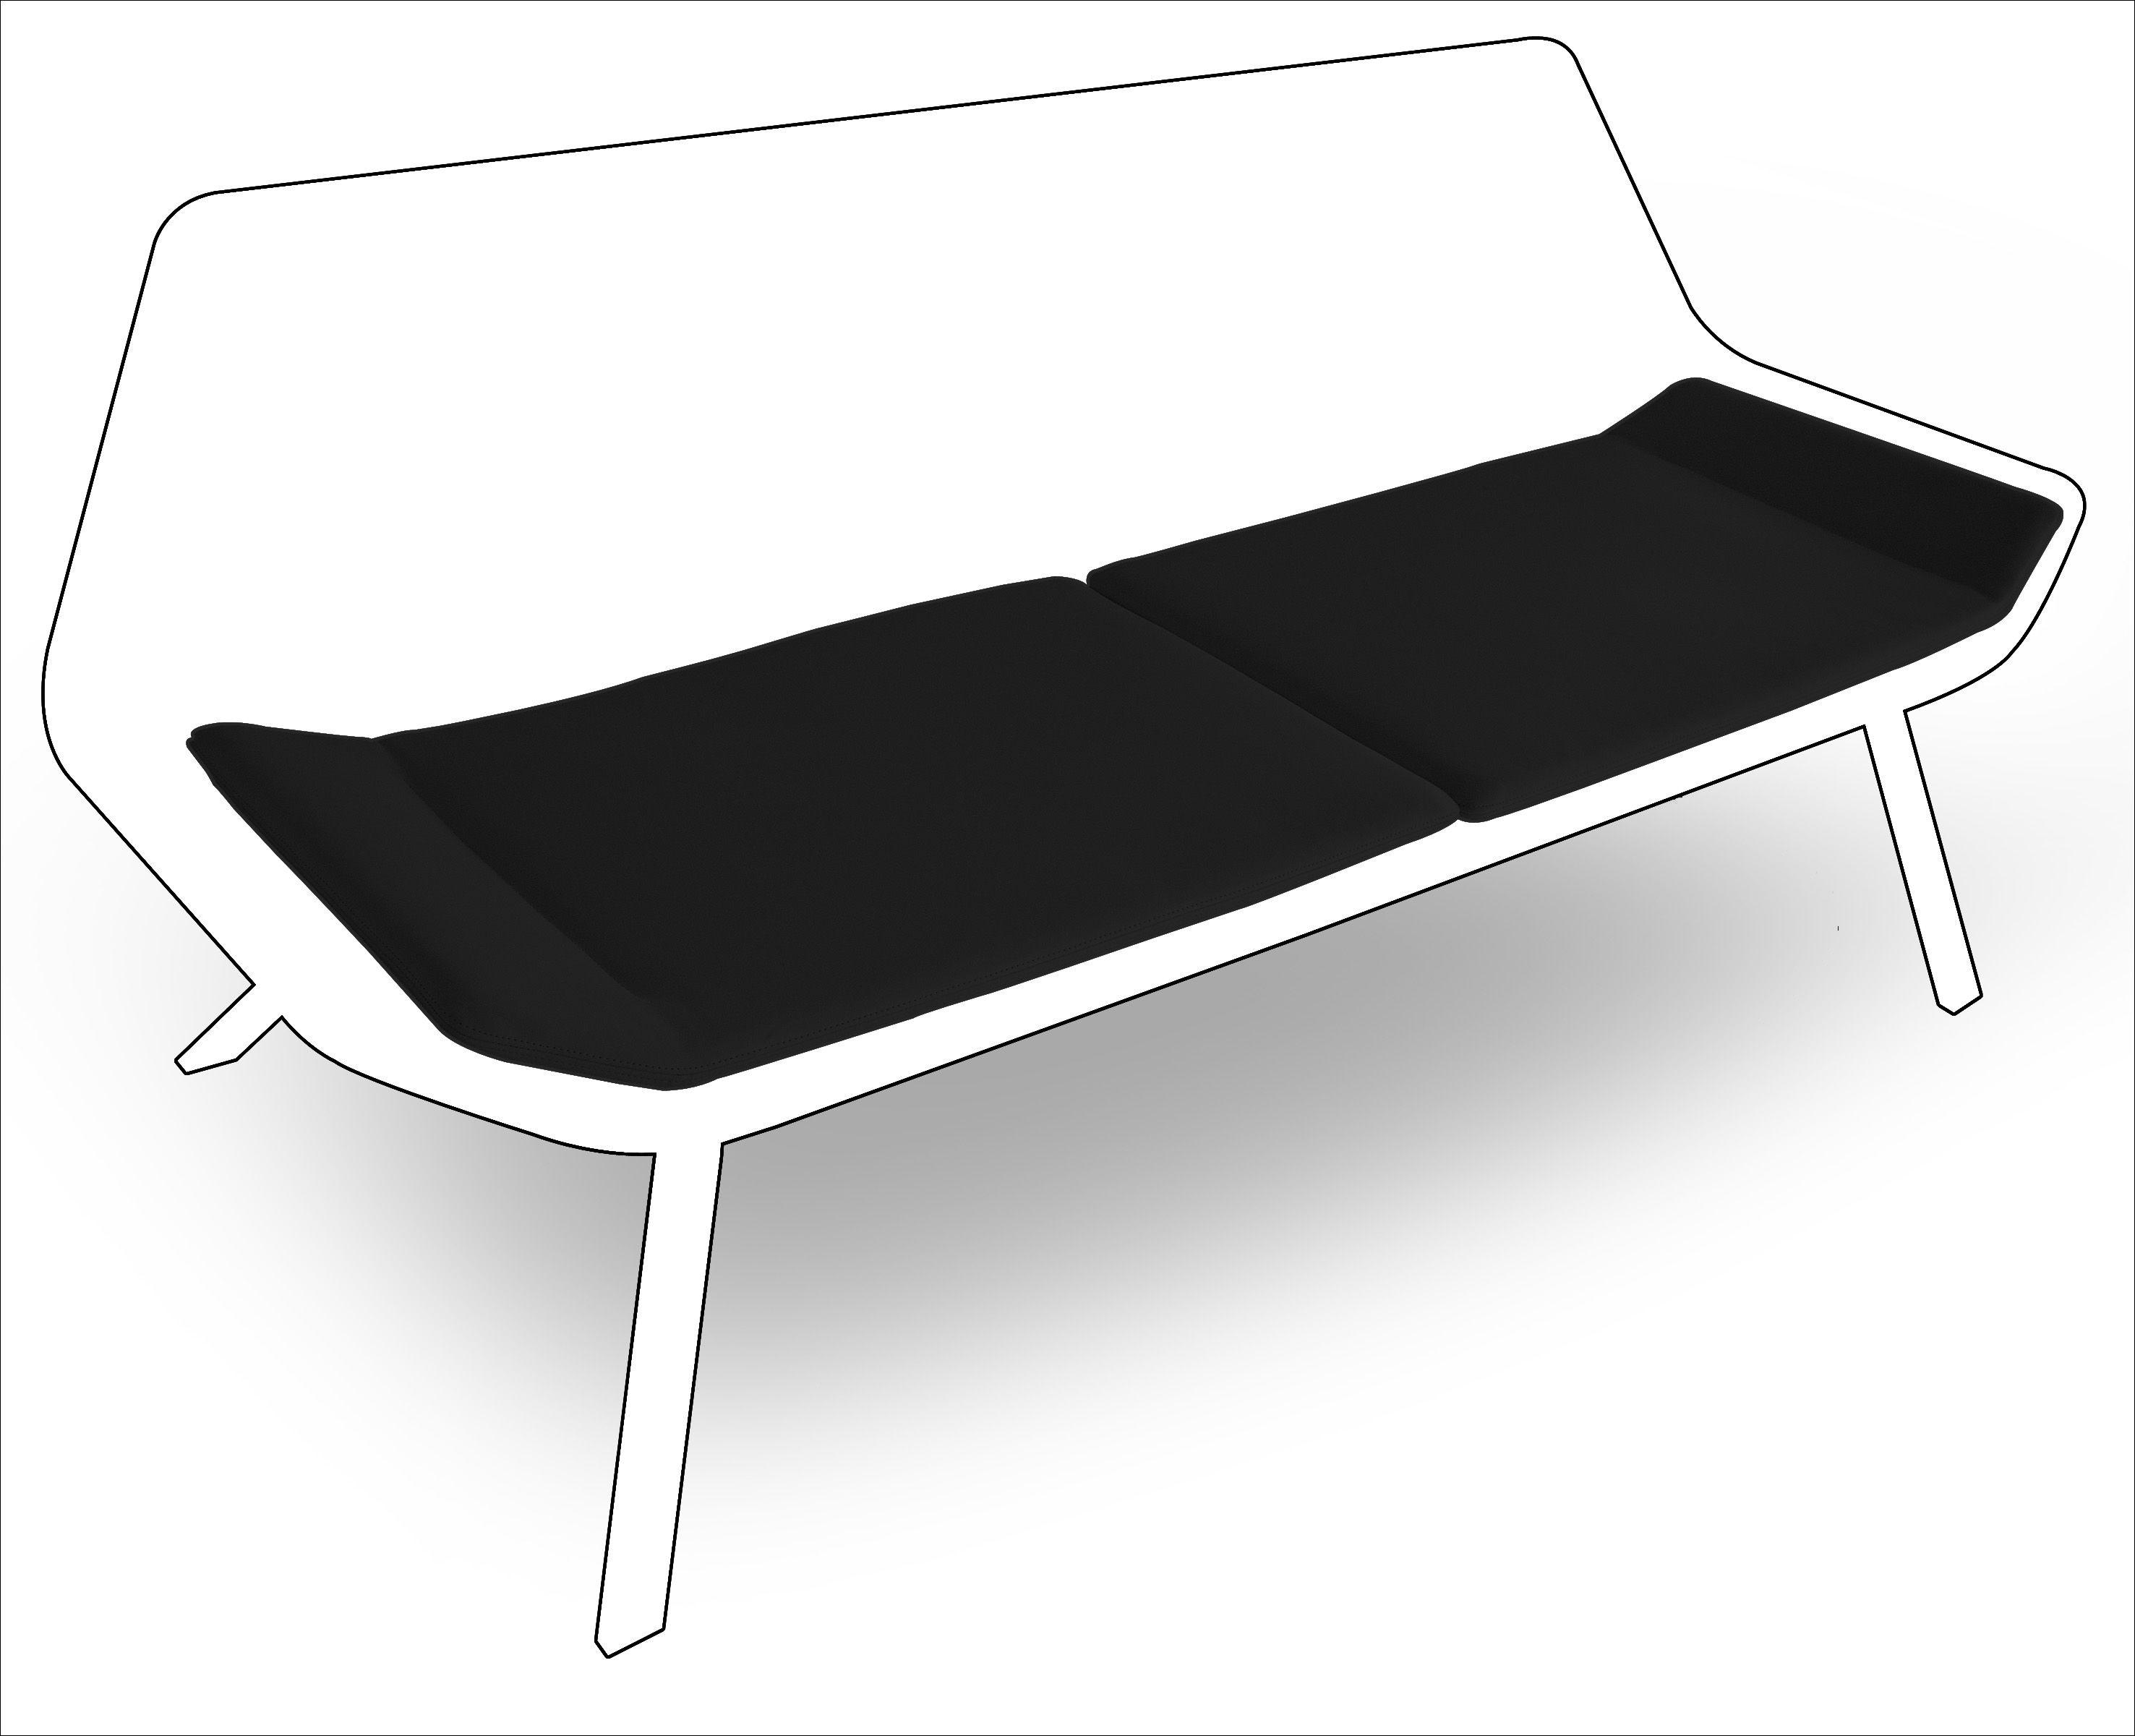 coussin d 39 assise pour canap otium lot de 2 noir lapalma. Black Bedroom Furniture Sets. Home Design Ideas